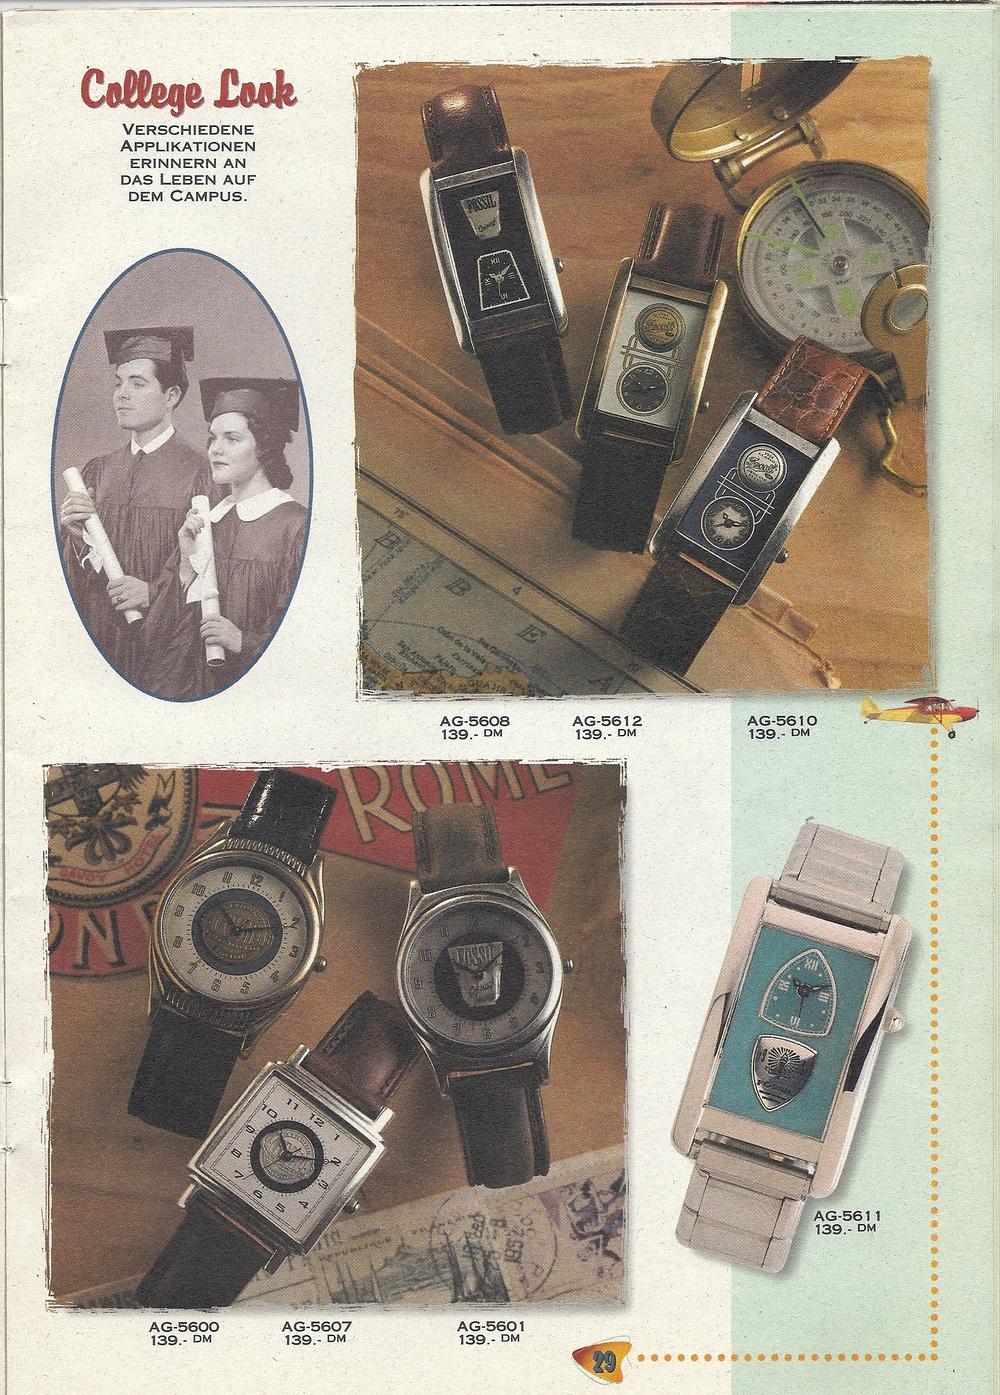 katalog29.jpg